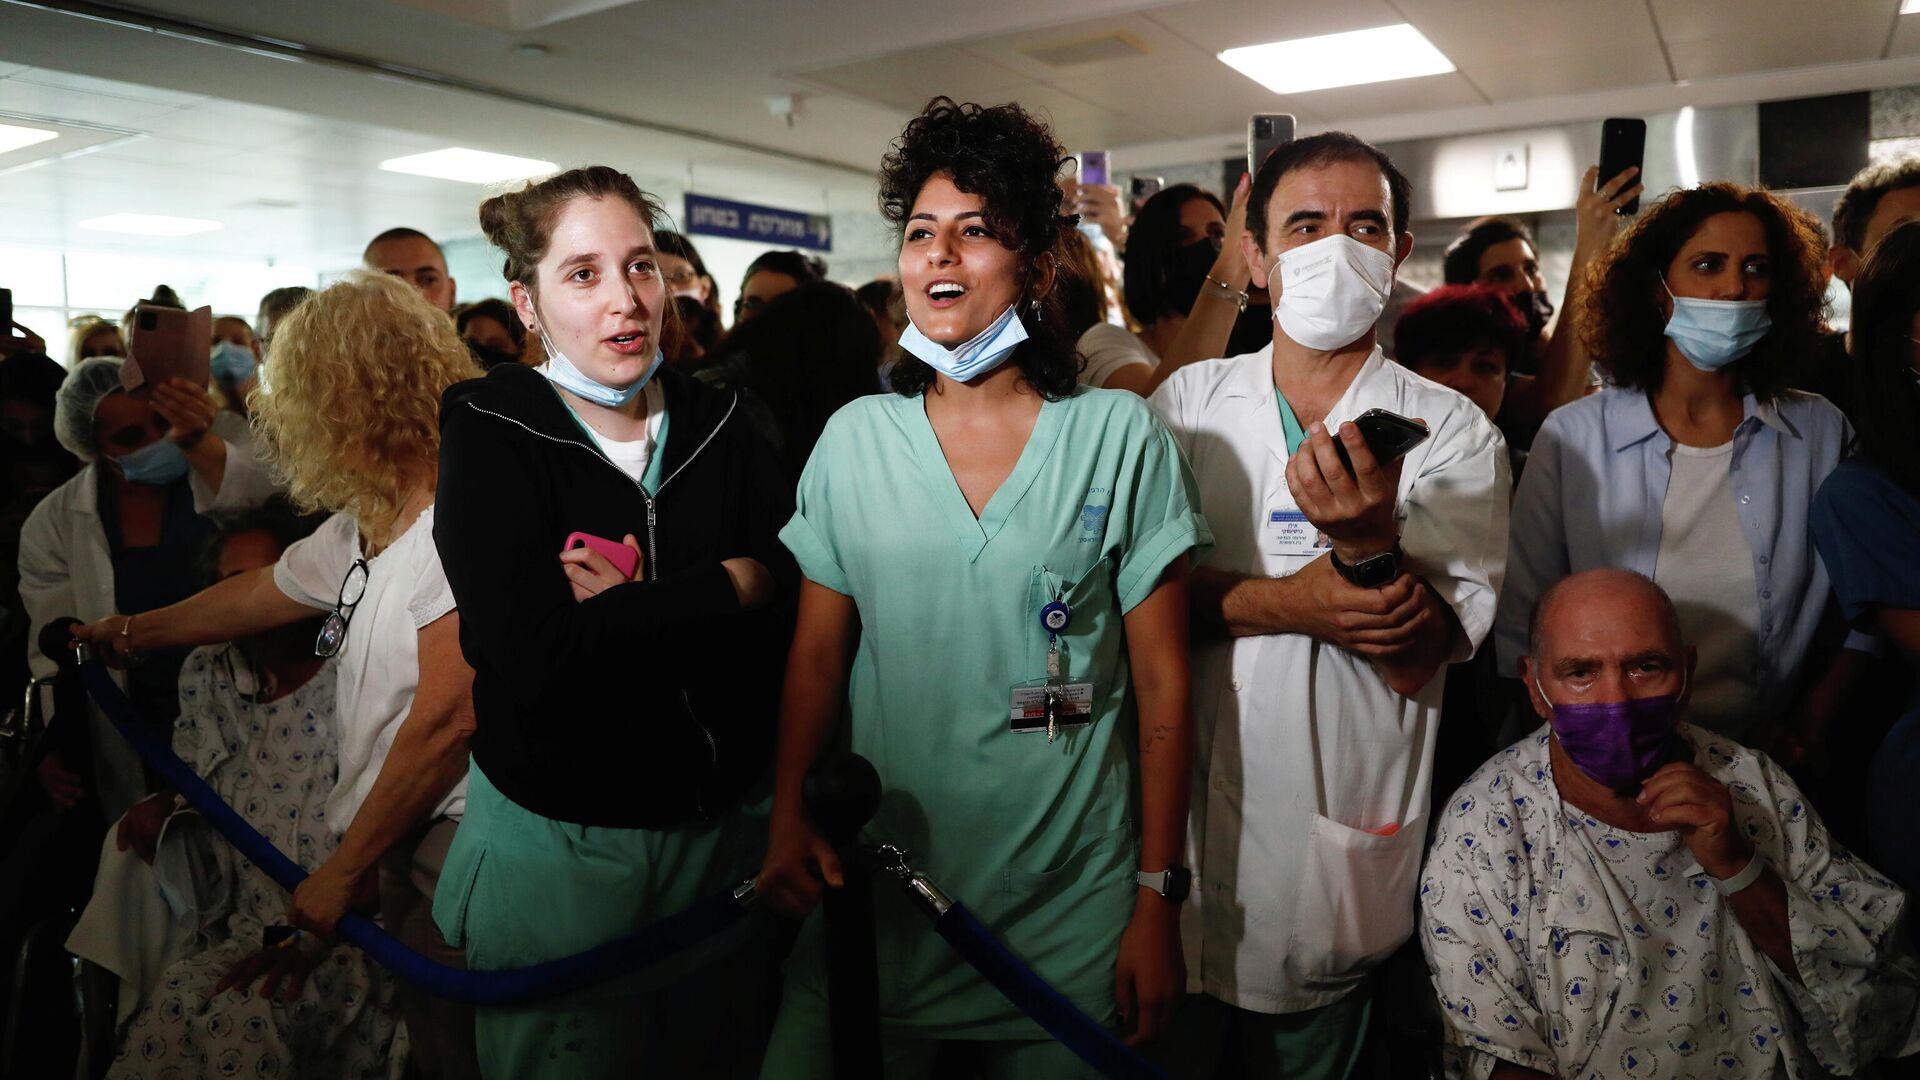 Un hospital israelí disfruta de un concierto del músico Aviv Geffen durante un evento organizado para agradecerles su trabajo en la lucha contra el coronavirus - Sputnik Mundo, 1920, 15.06.2021